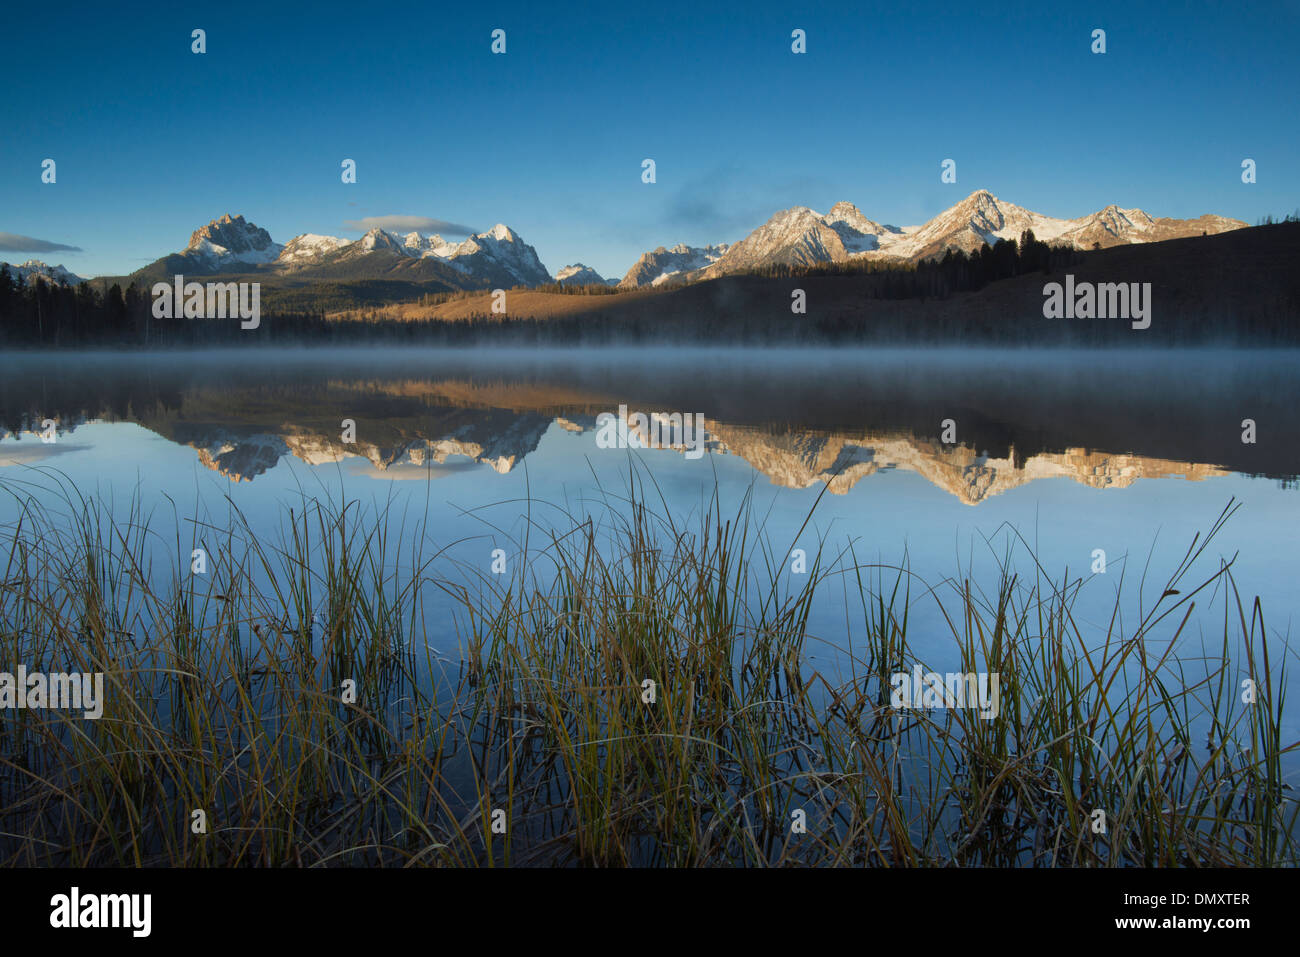 Sunrise on Sawtooth range, Little Redfish Lake, Idaho - Stock Image